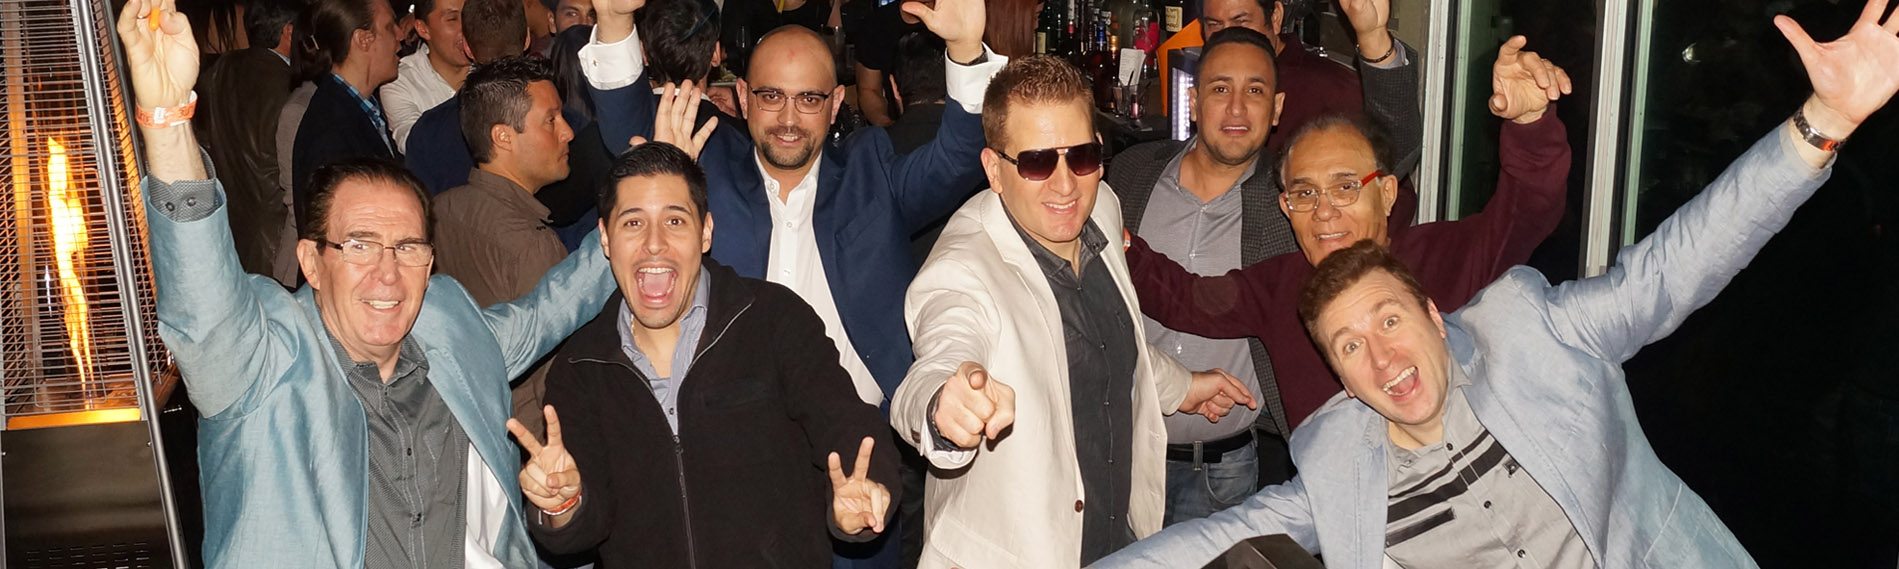 Jorge Ottati celebró en Miami sus 25 años en el periodismo deportivo